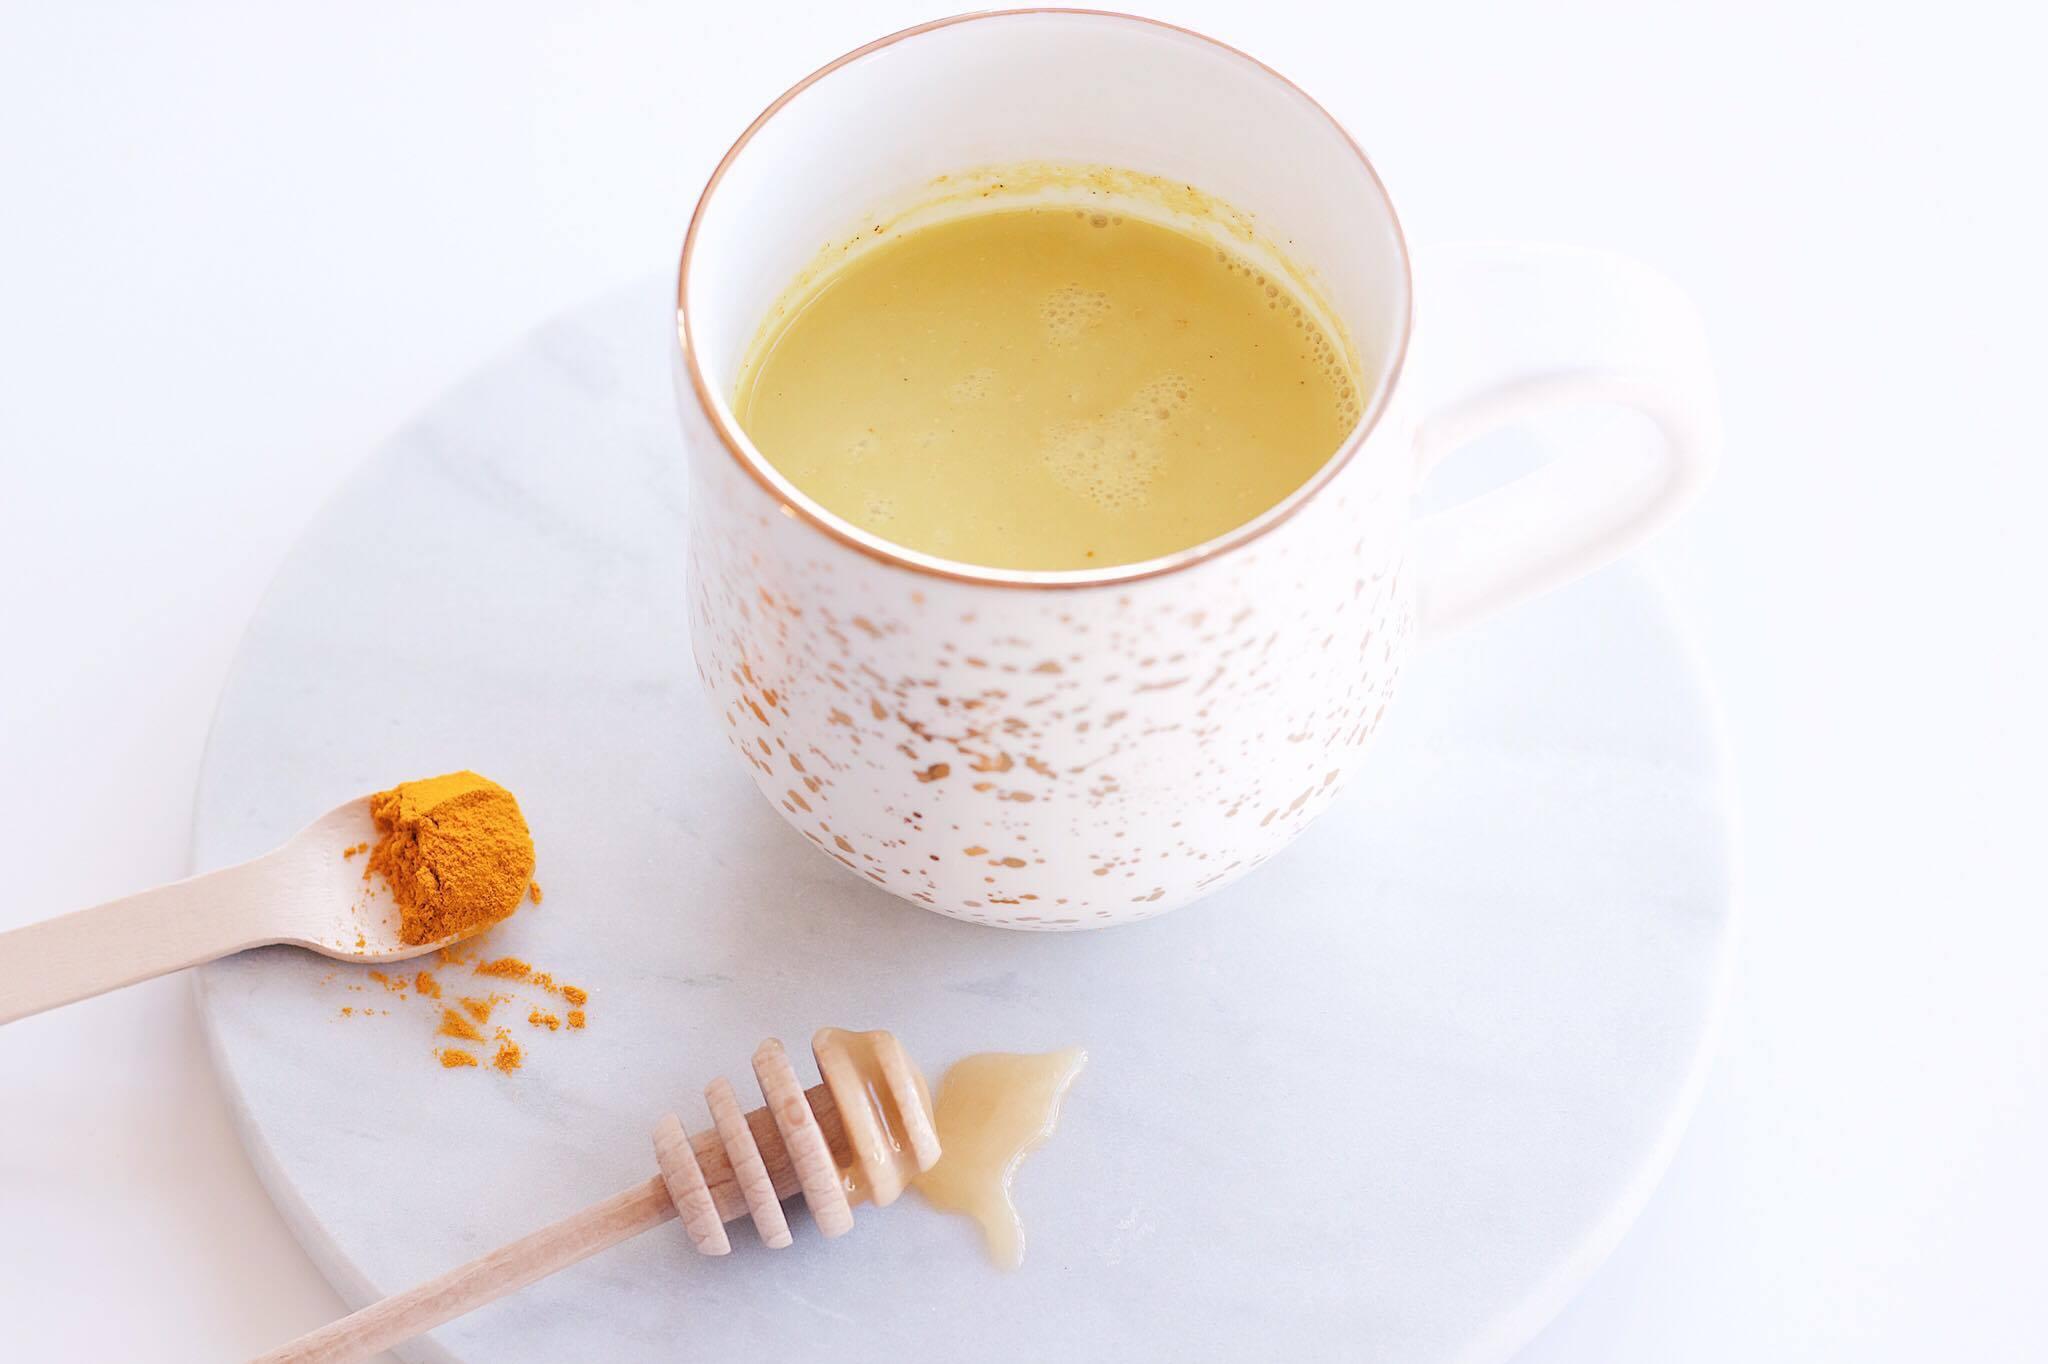 Tilsett litt raw honning om du ønsker mer søtsmak